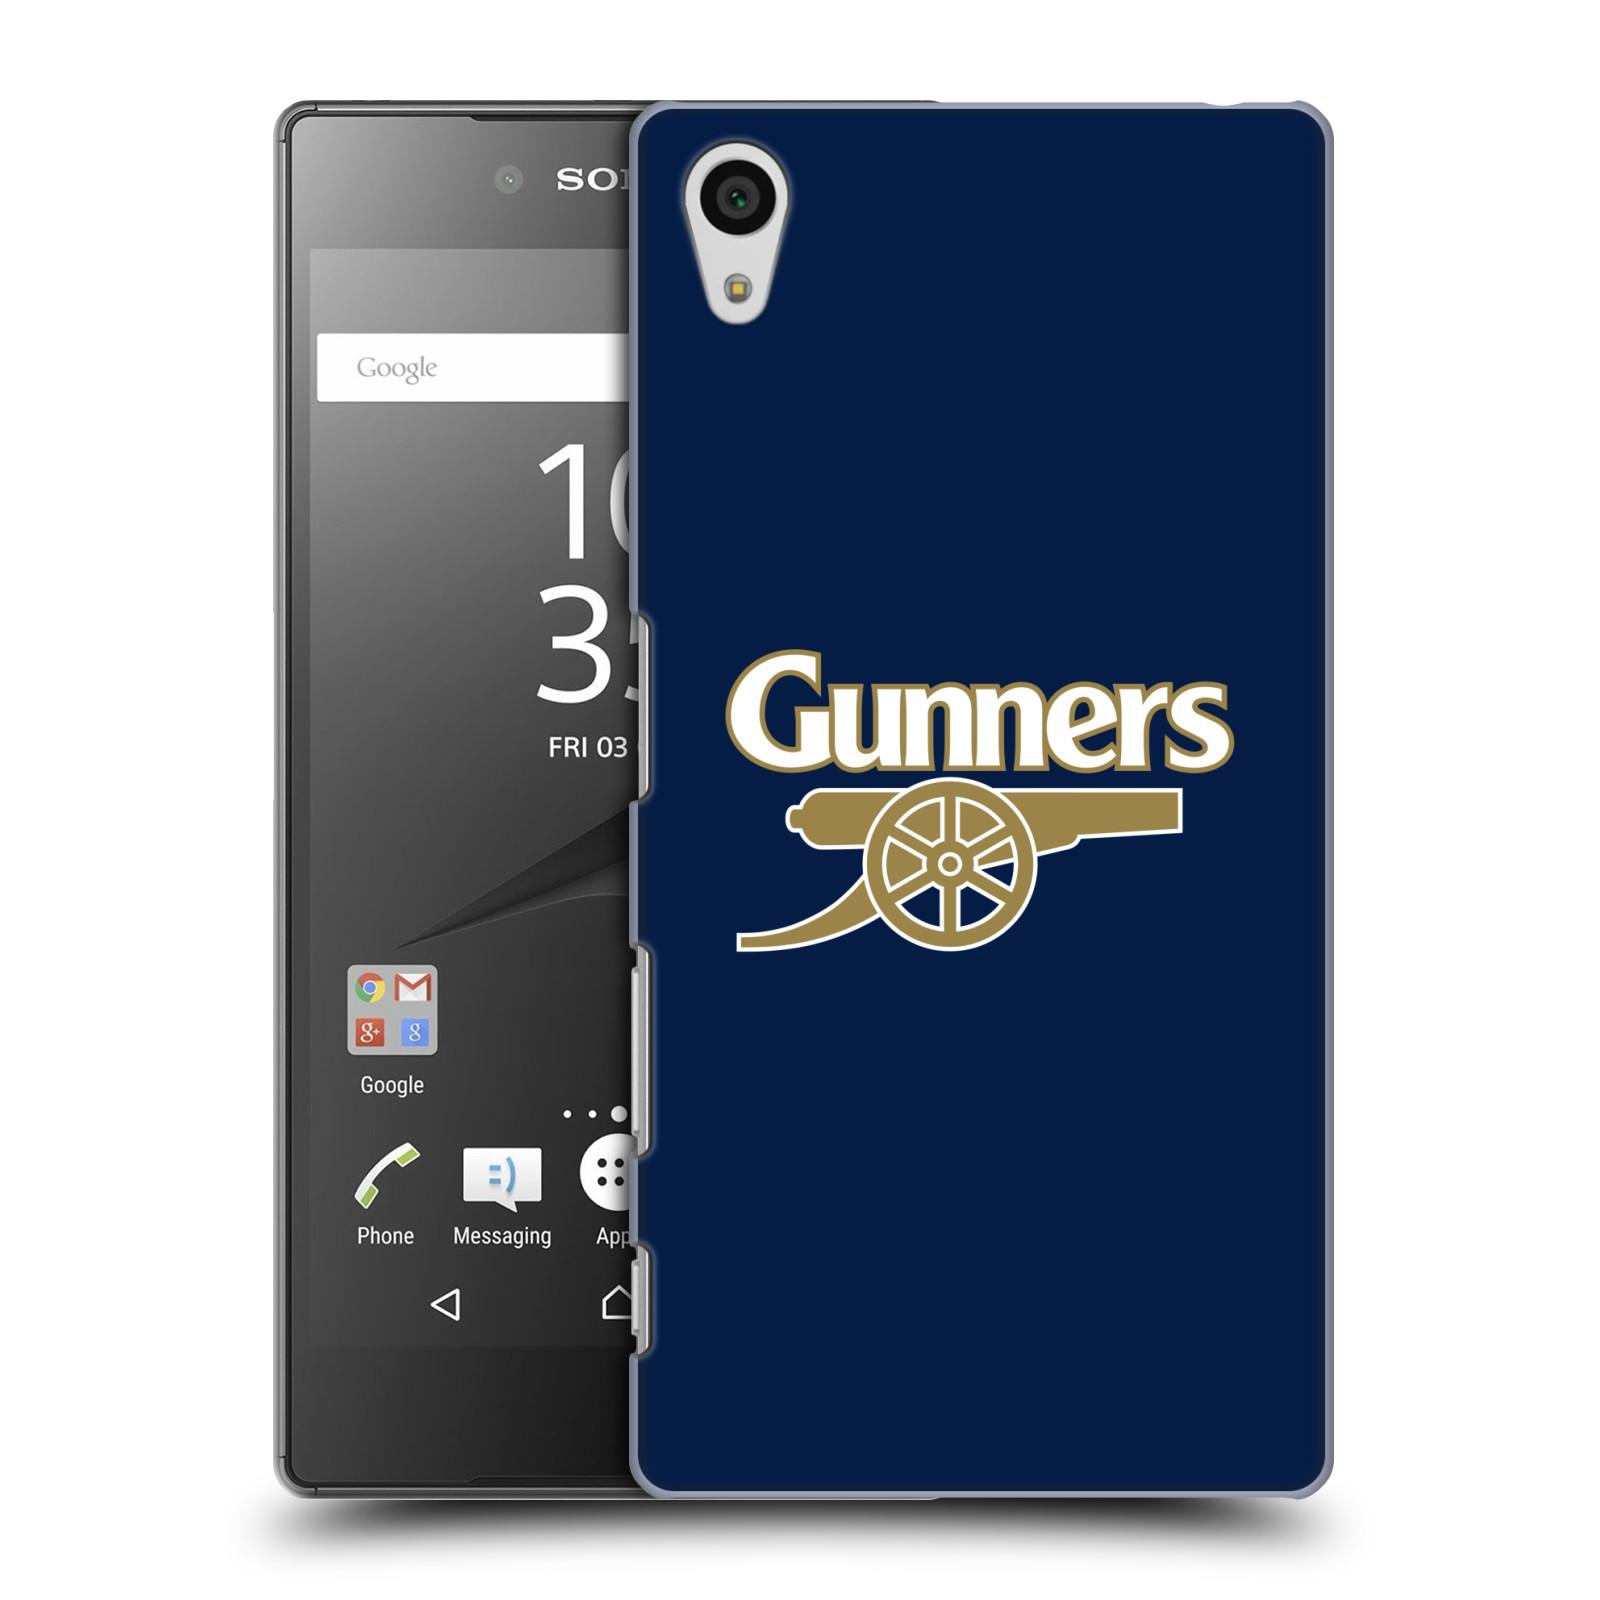 Plastové pouzdro na mobil Sony Xperia Z5 - Head Case - Arsenal FC - Gunners